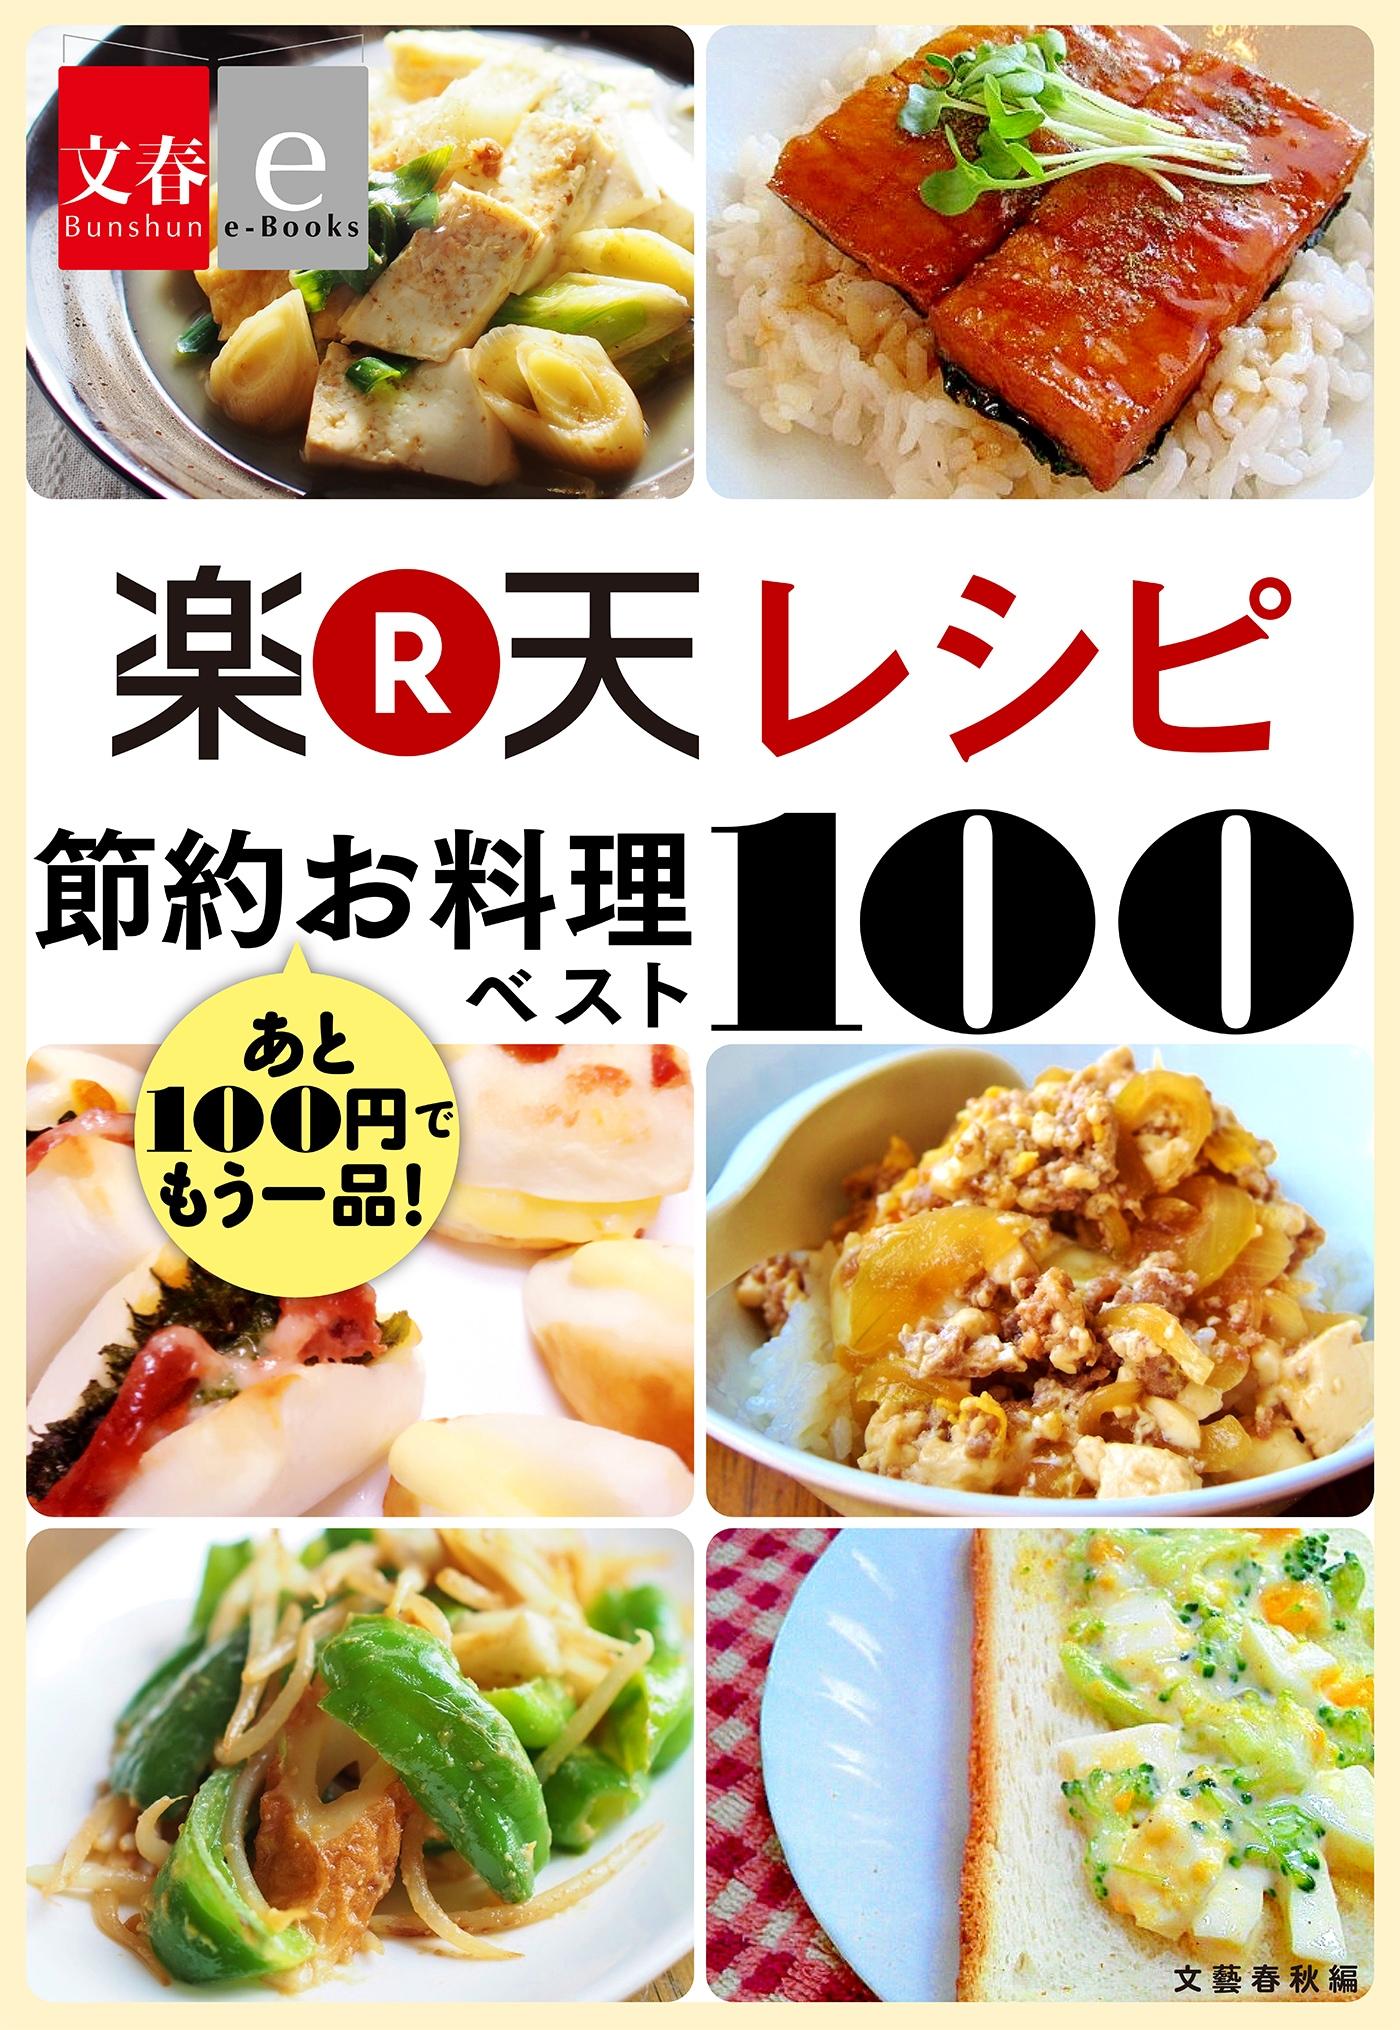 あと100円で、もう一品!<br />お得で、おいしいレシピが揃っています。